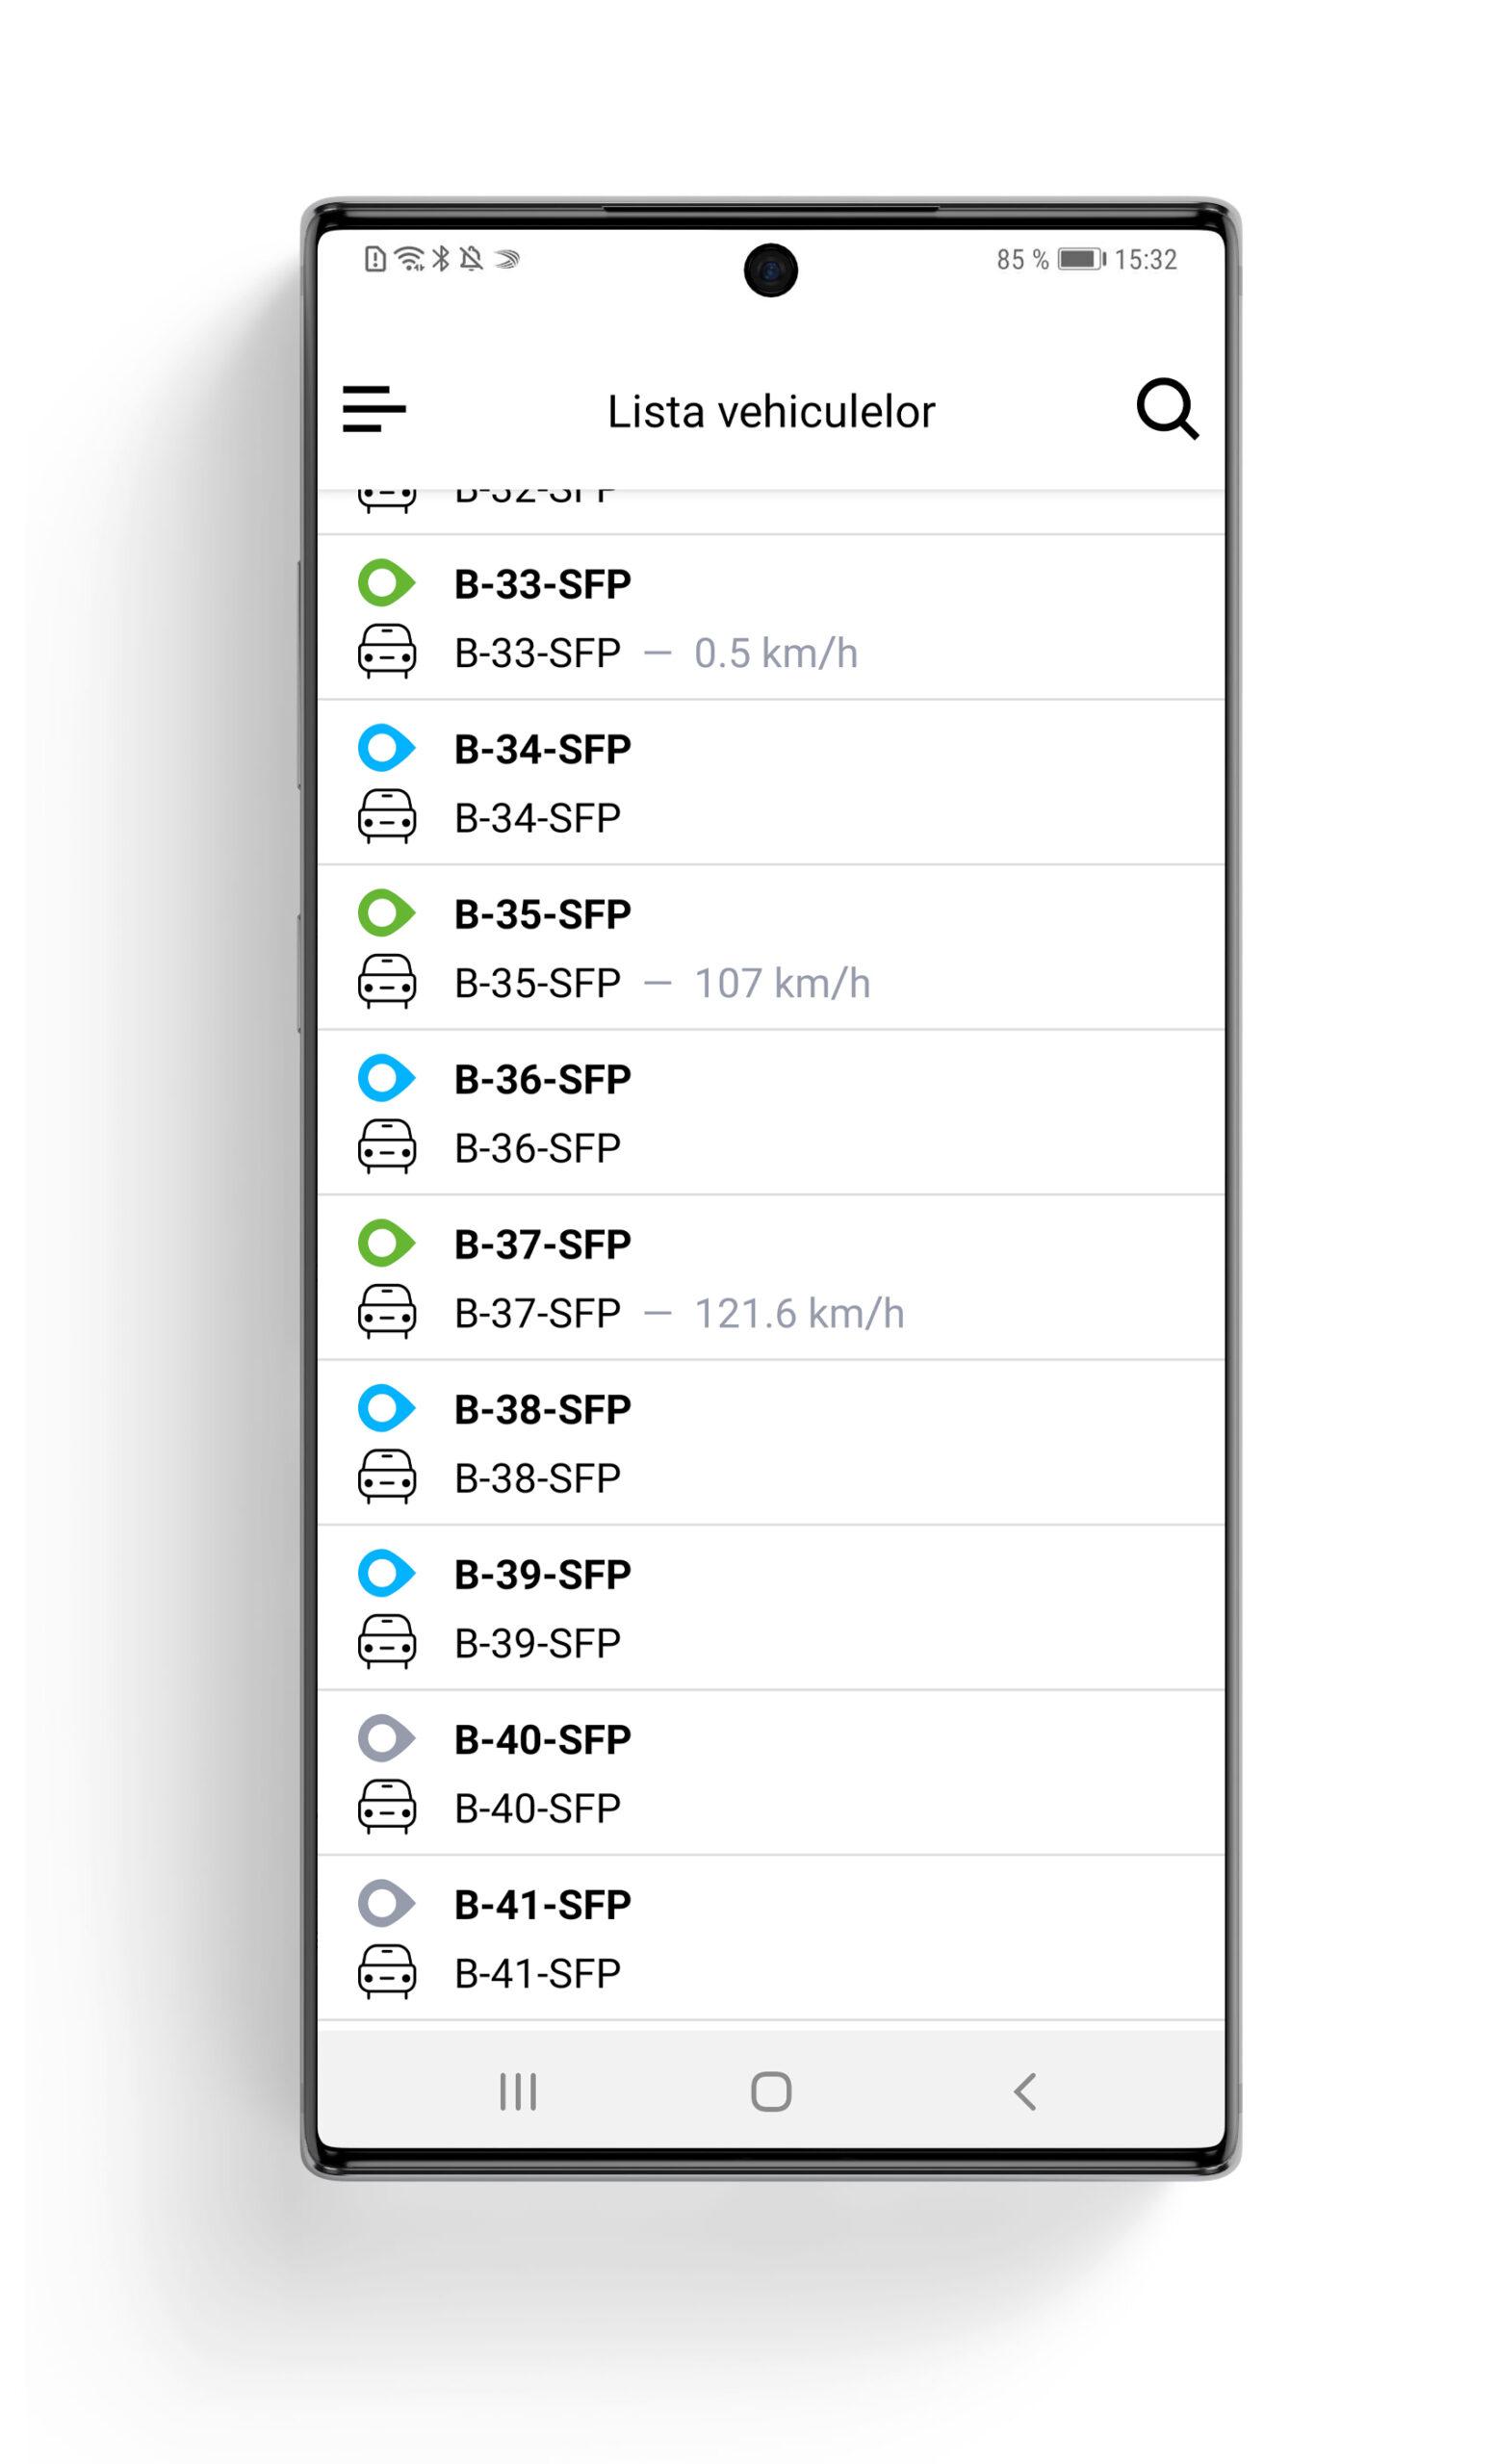 aplicatie monbila fliGo – monitorizare prin GPS flota auto